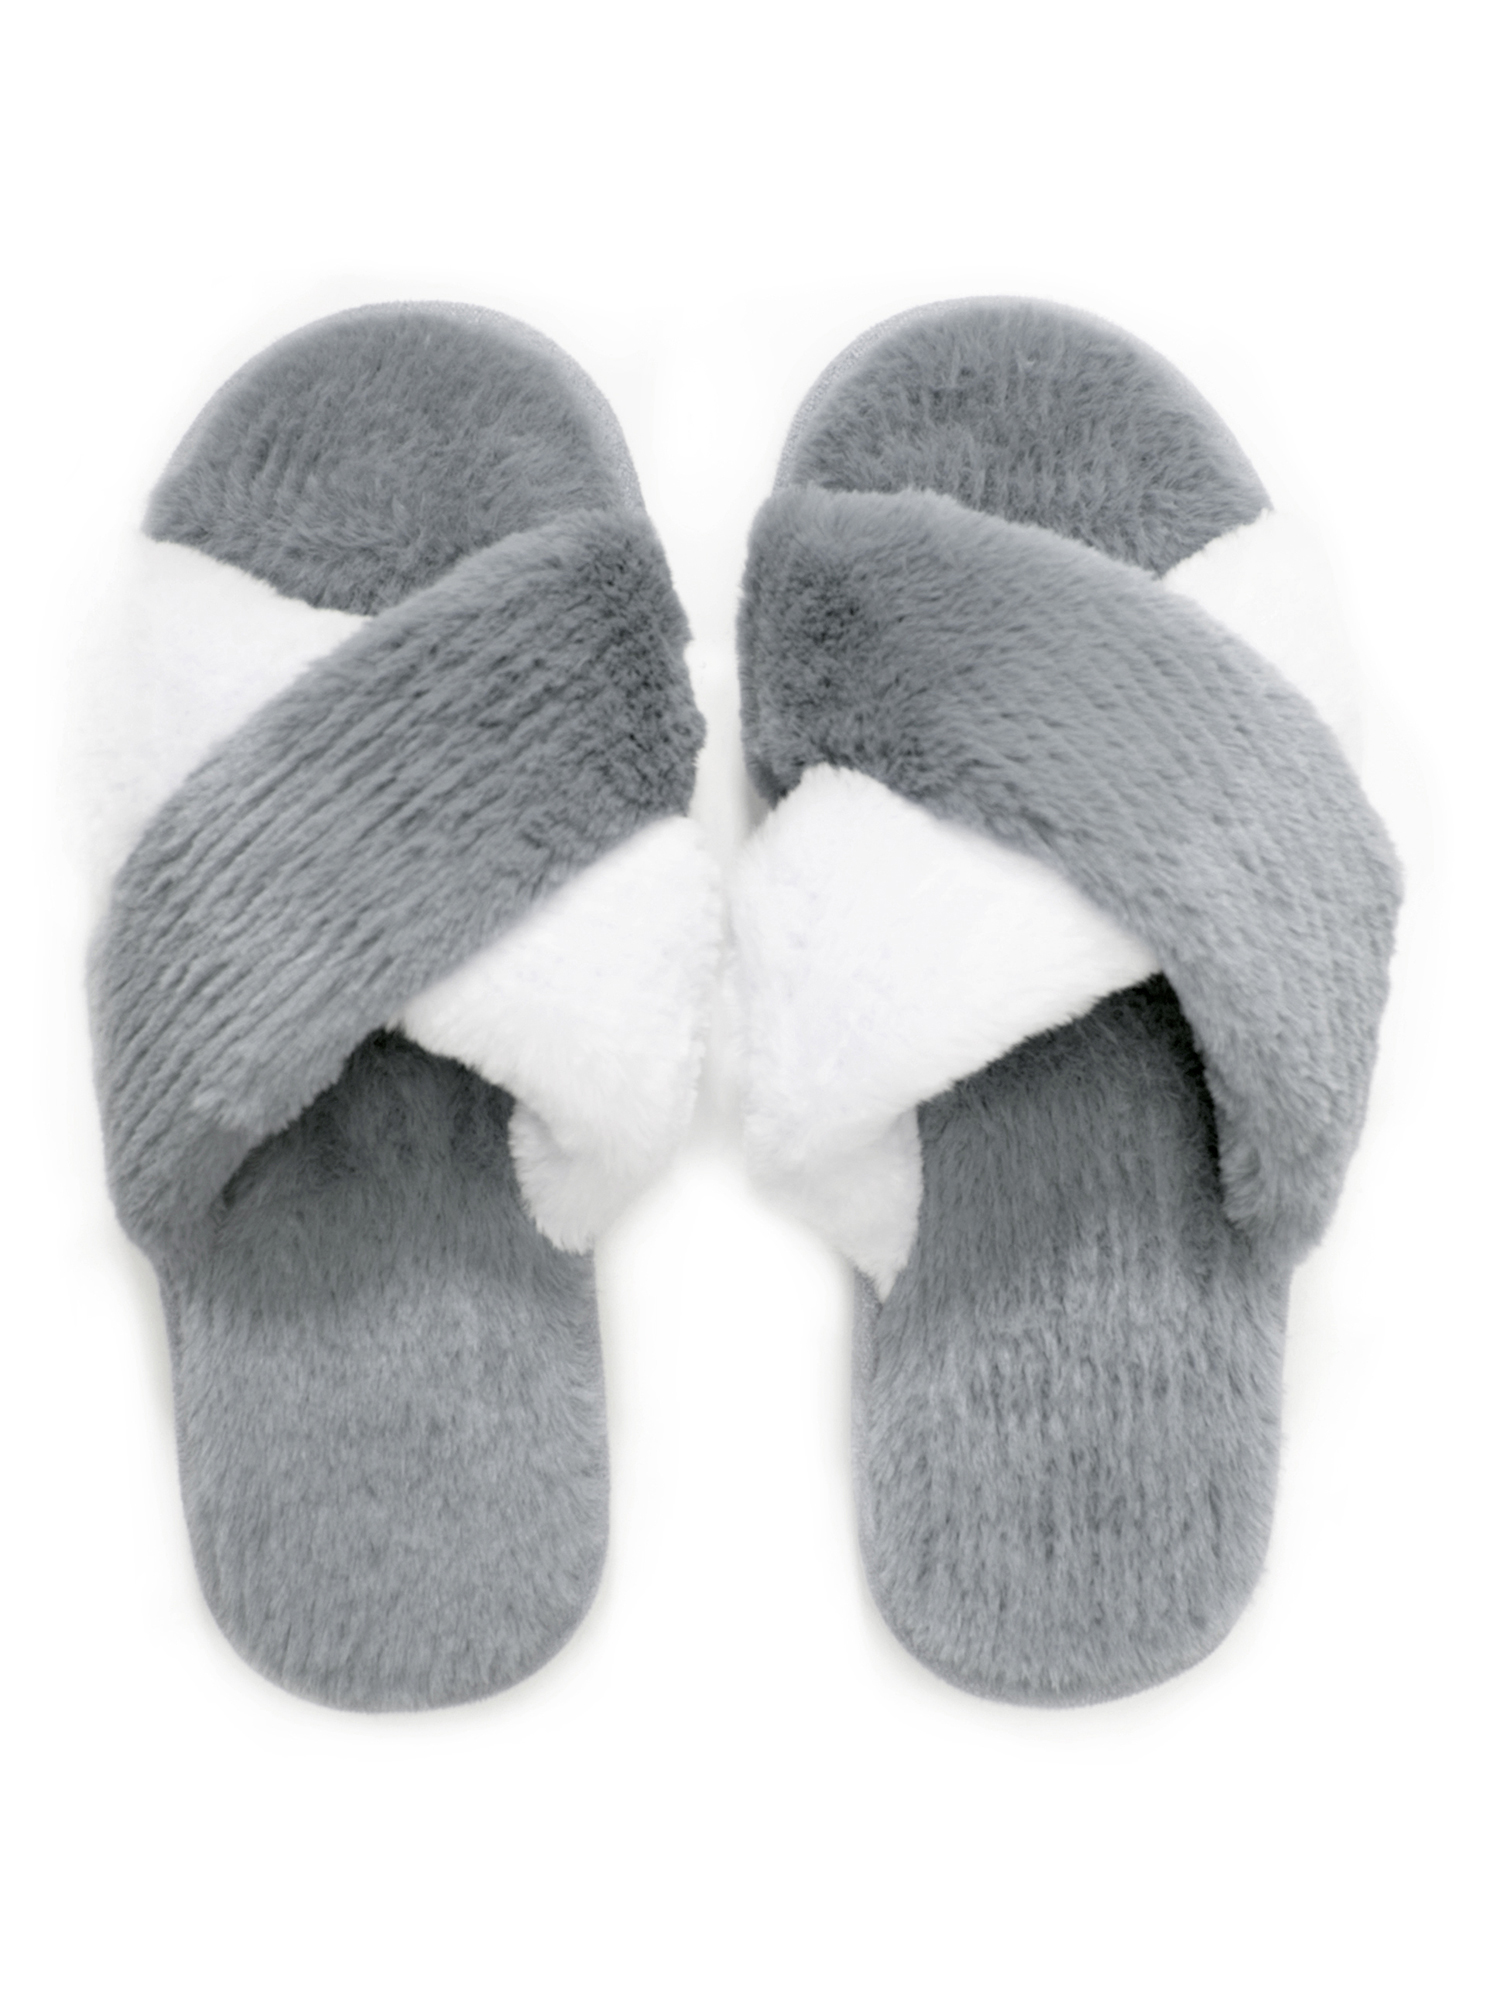 Memory Foam Flip Flop Slippers